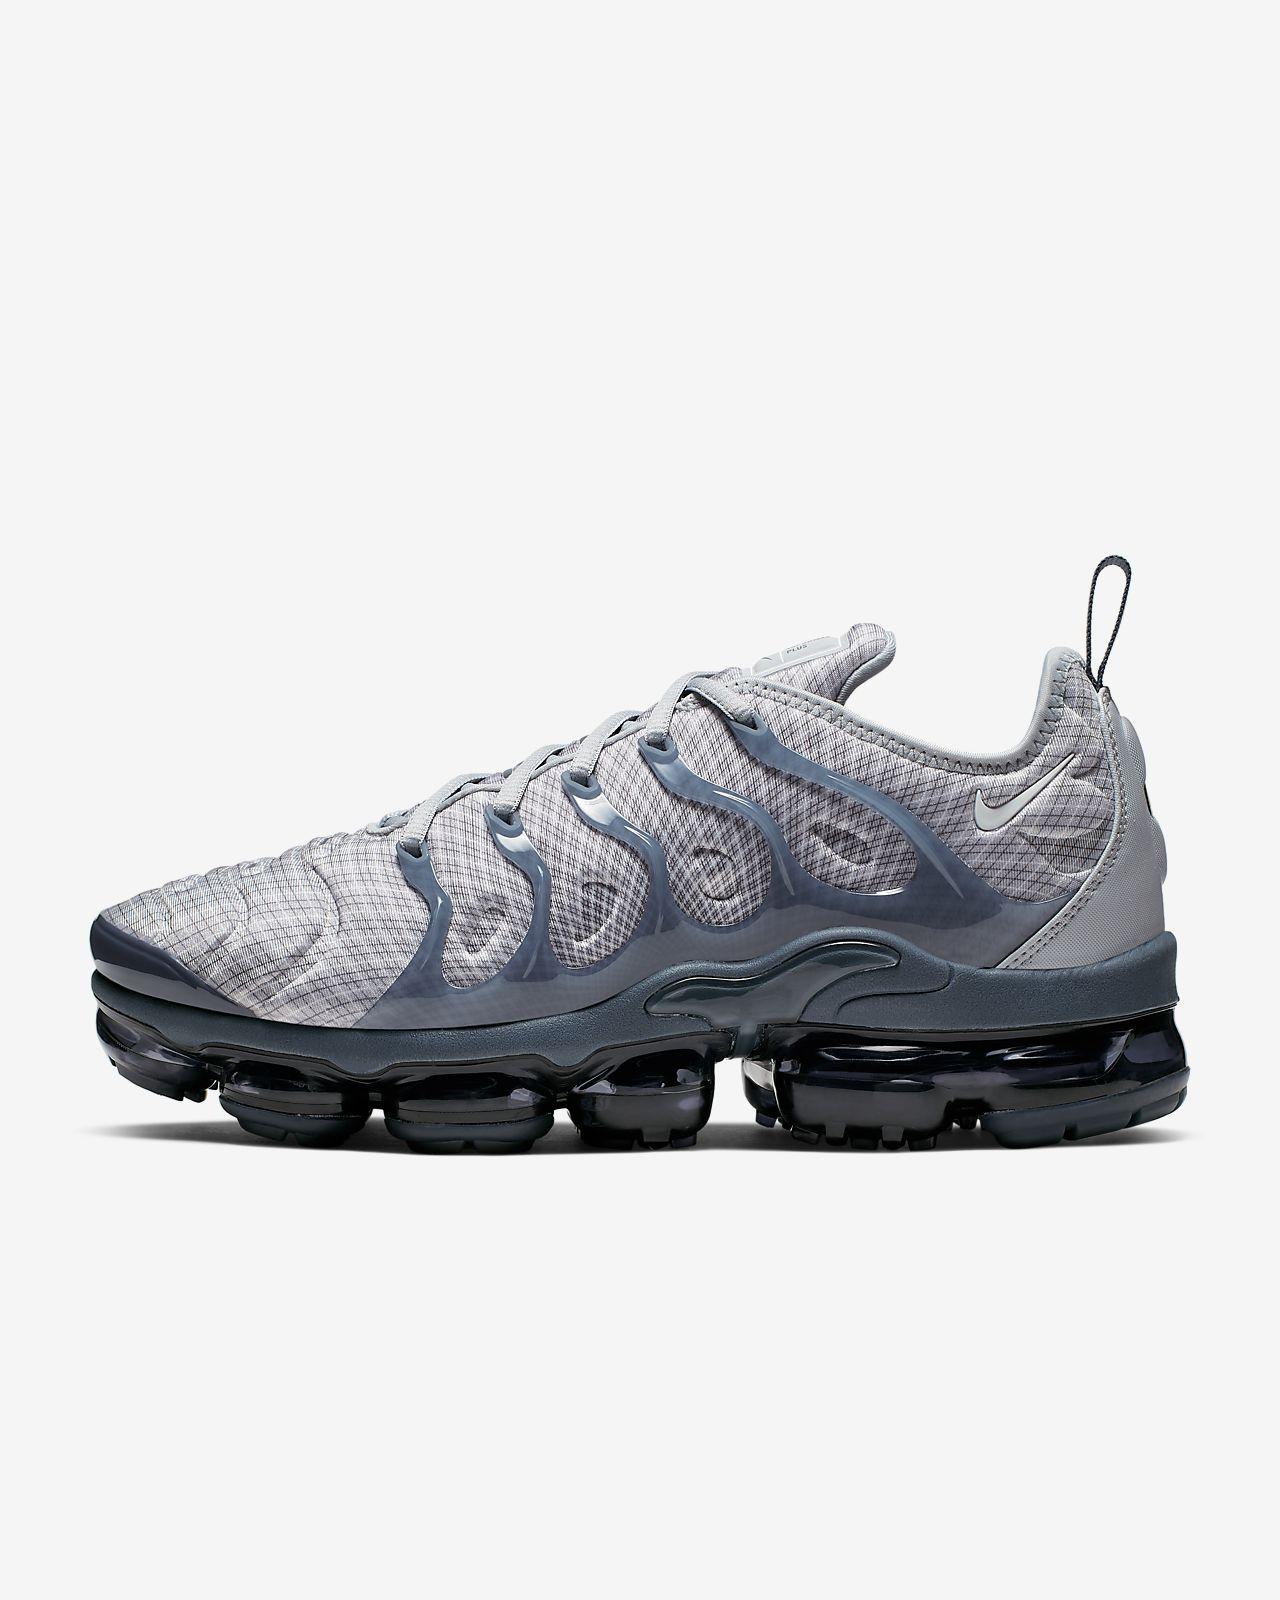 Klasyczne Modele Nike, Najnowsze Buty Nike, Bezpłatna Wysyłka